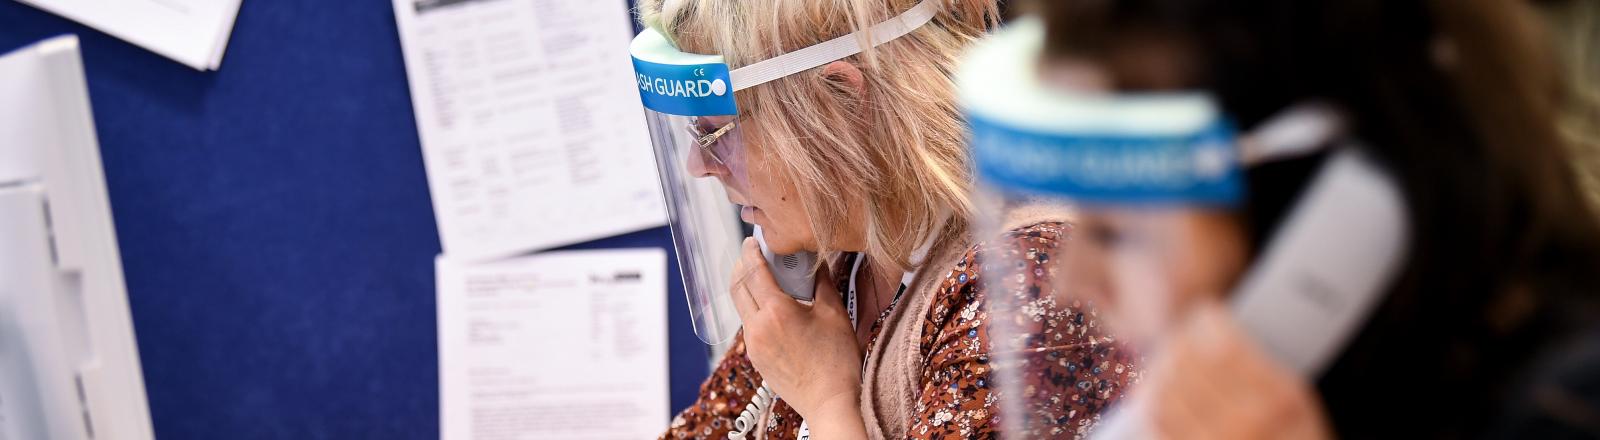 Mitarbeiter des Gesundheitsamtes Berlin Mitte telefonieren mit Gesichtsschutzvisier.